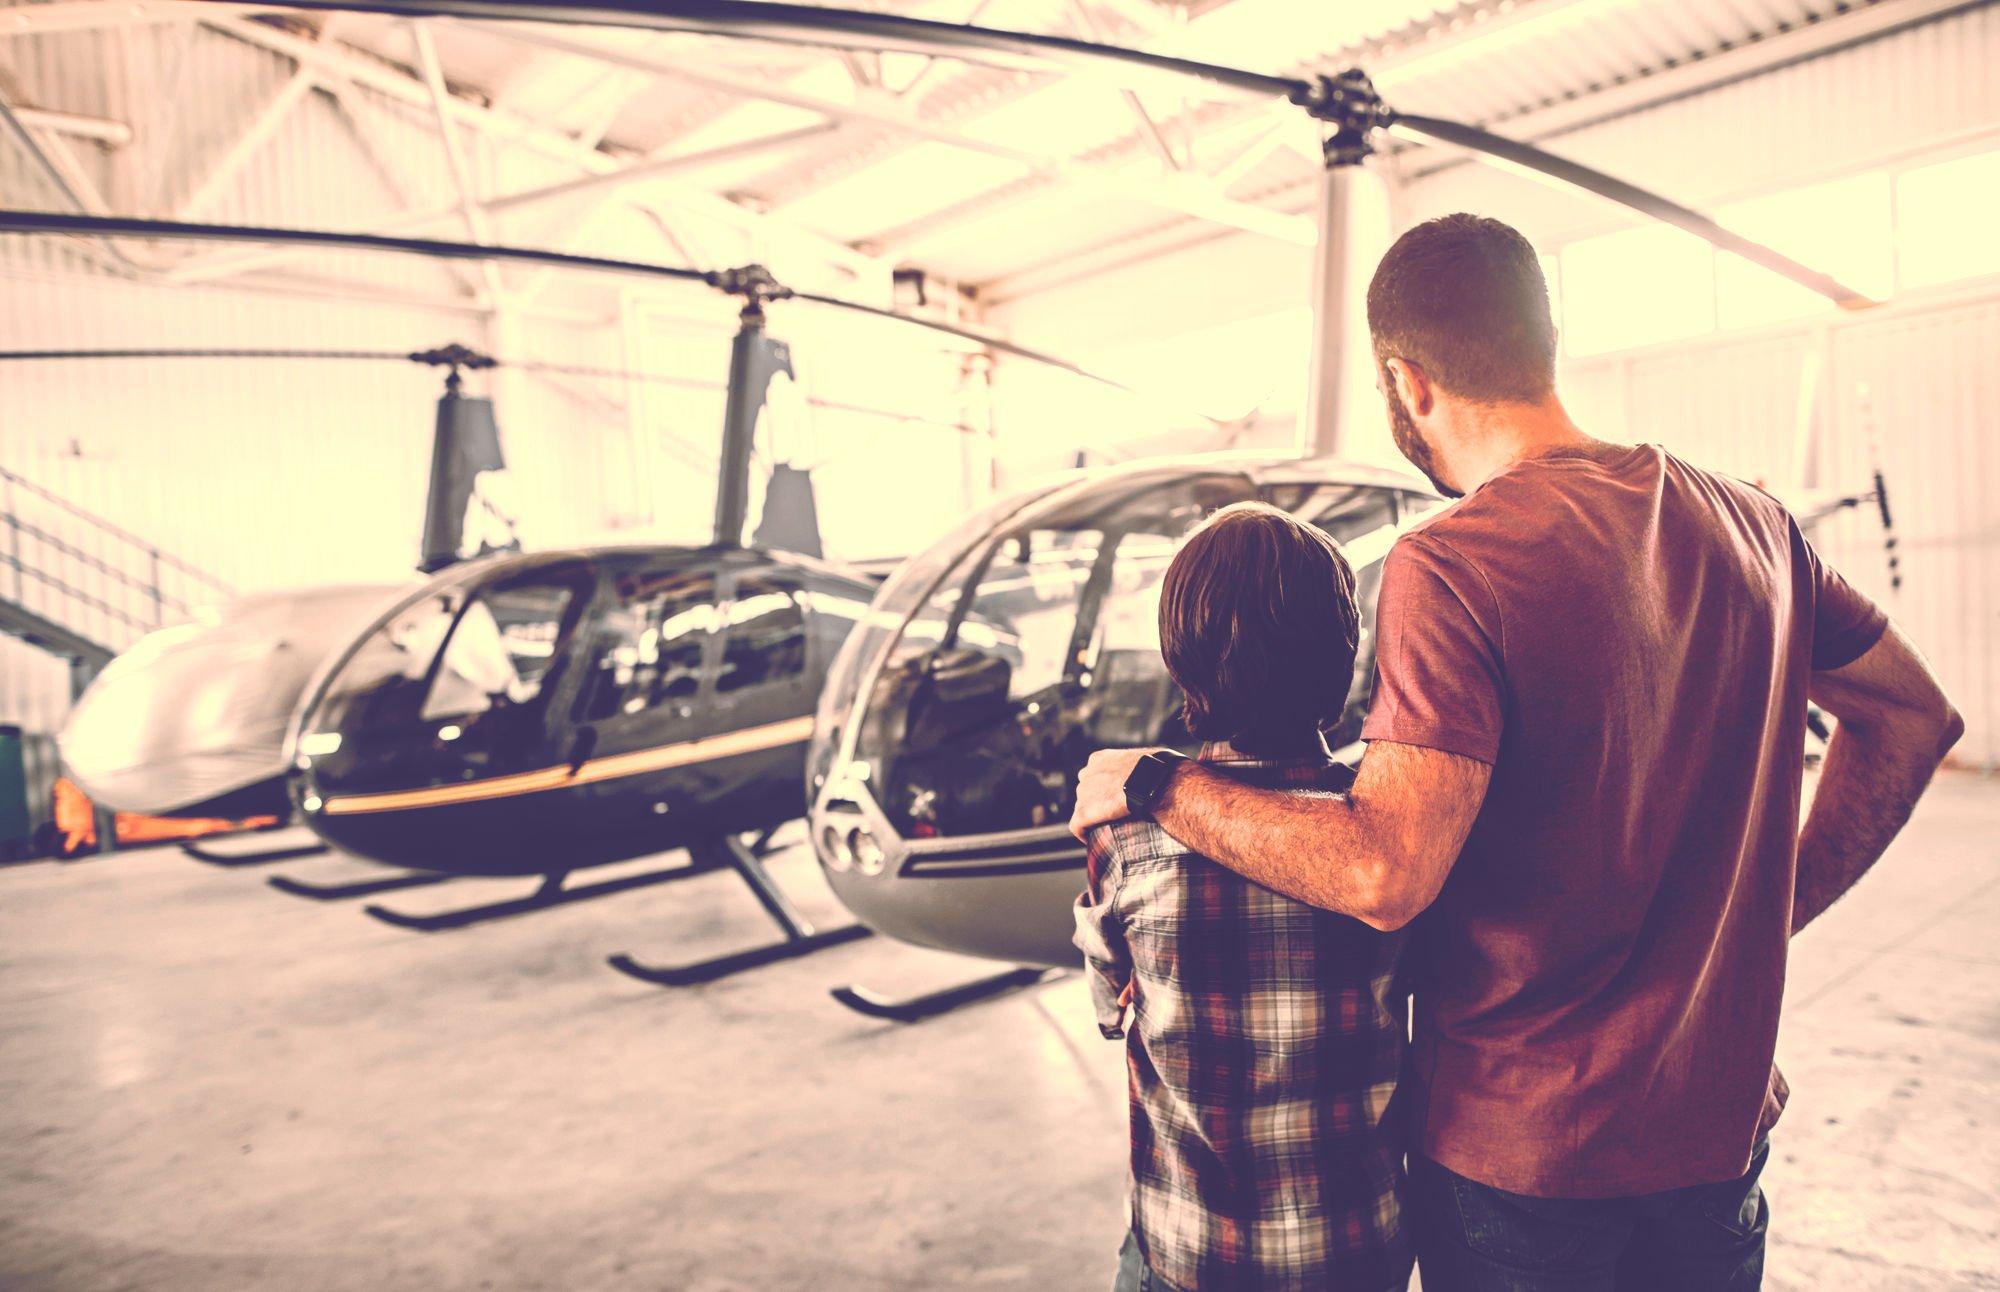 ヘリを眺める親子